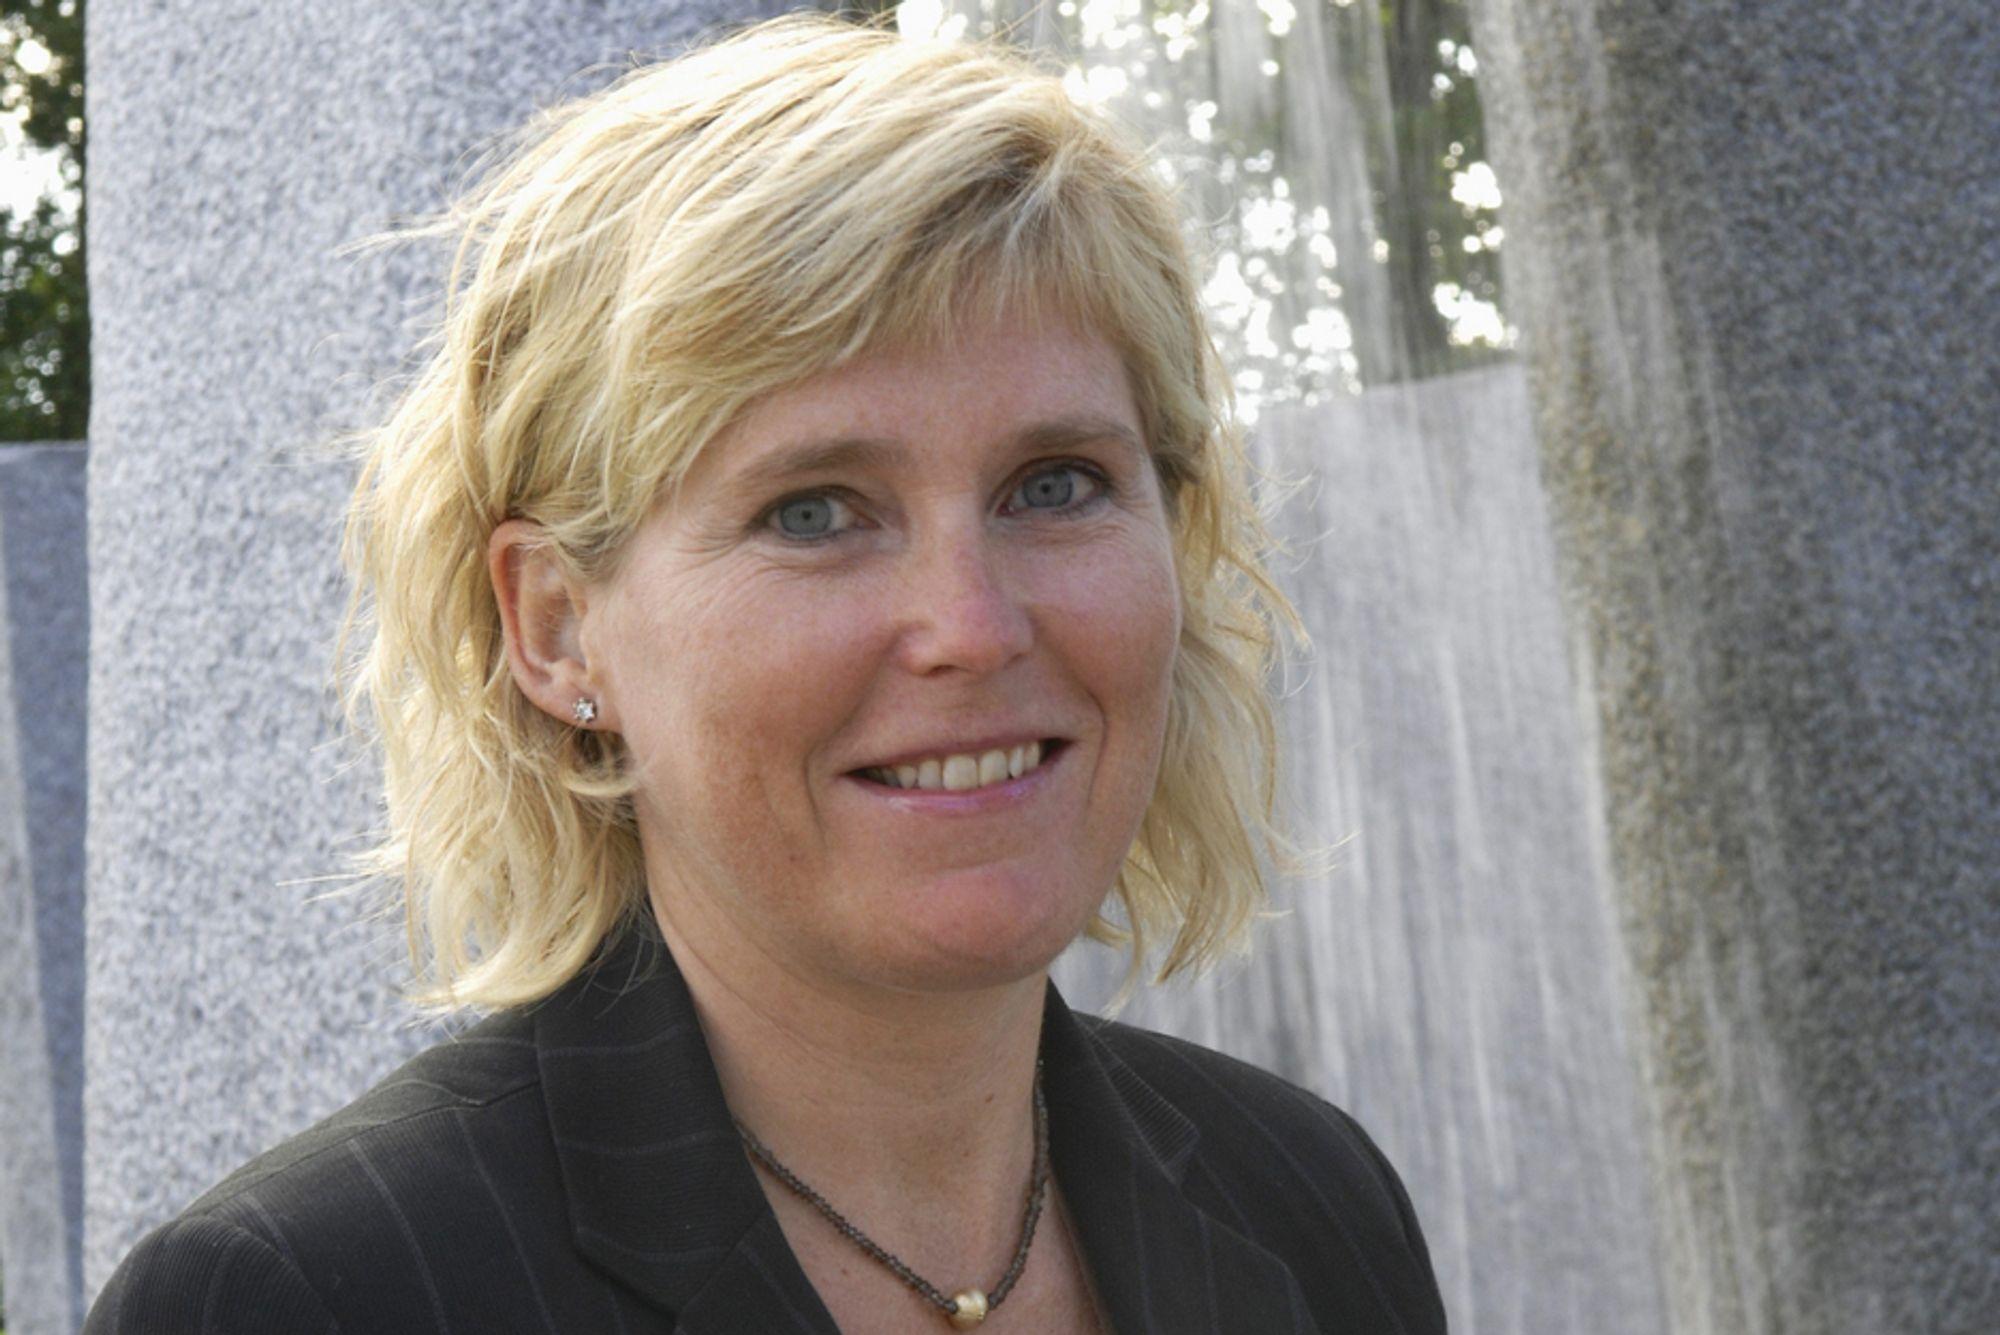 INVOLVERT: StatoilHydros miljødirektør Trude Sundset (bildet) skal fortelle FN om selskapets karbonfangsterfaringer. Videre skal Helge Lund gi FN råd i forbindelse med klimaforhandlingene i København.